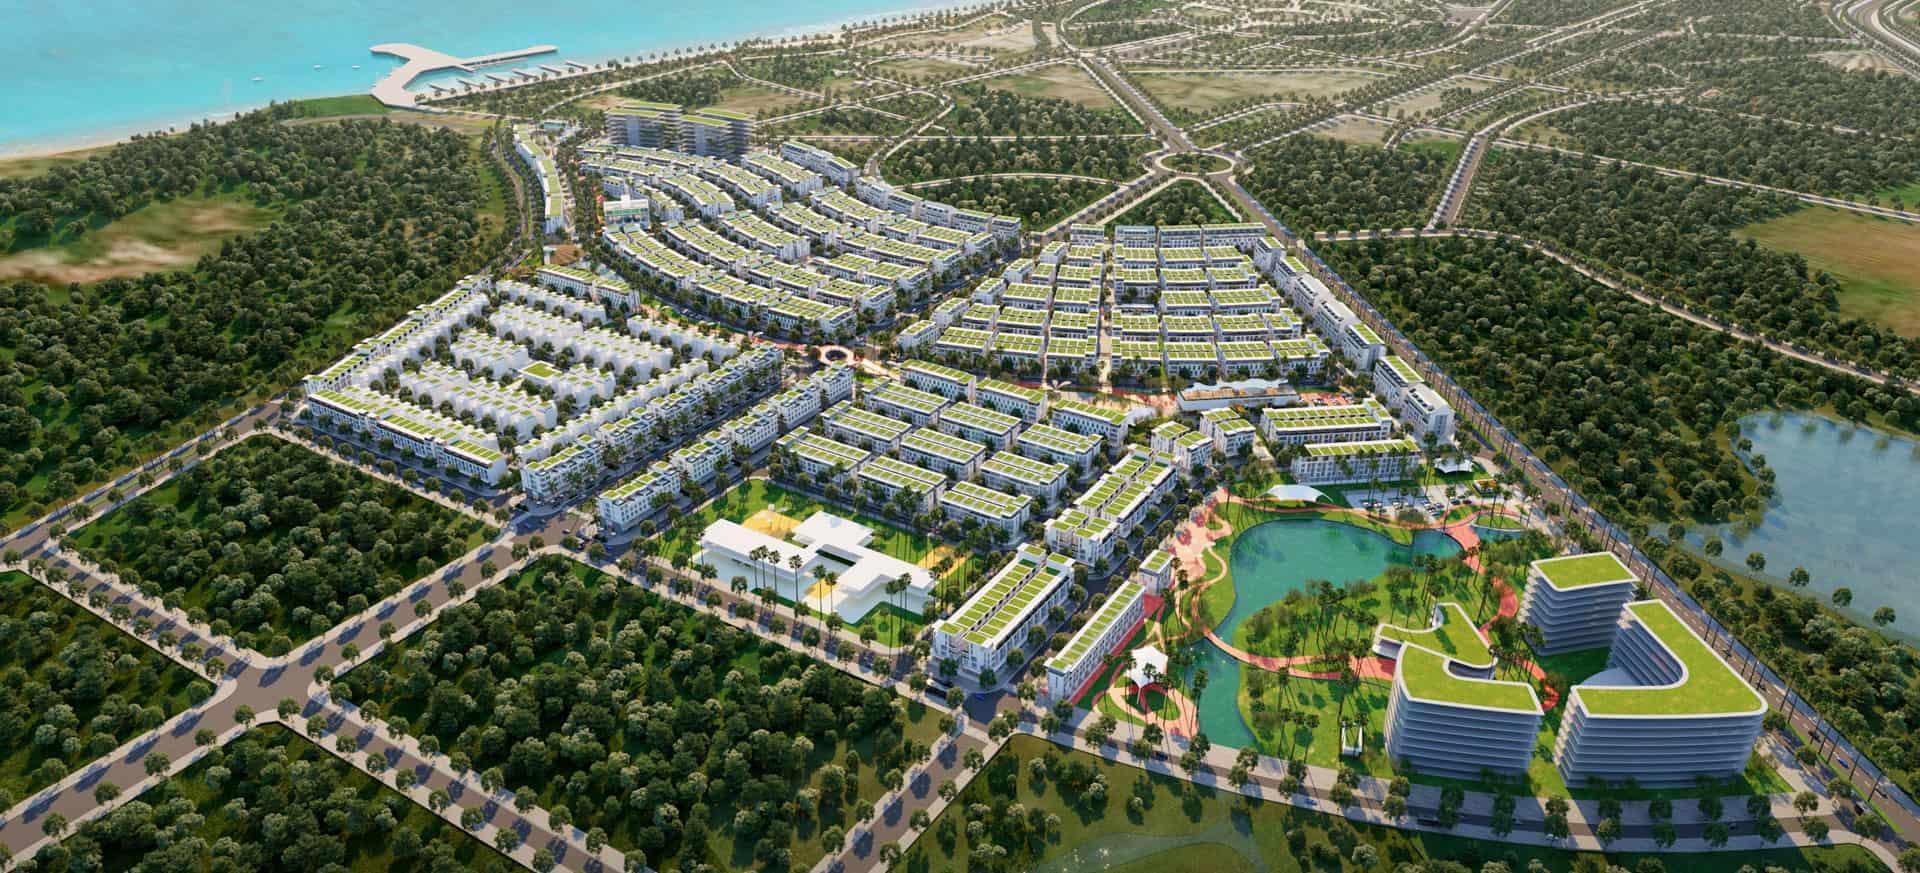 Hệ thống hạ tầng tại Phú Quốc nhận được sự đầu tư mạnh mẽ từ chính quyền.